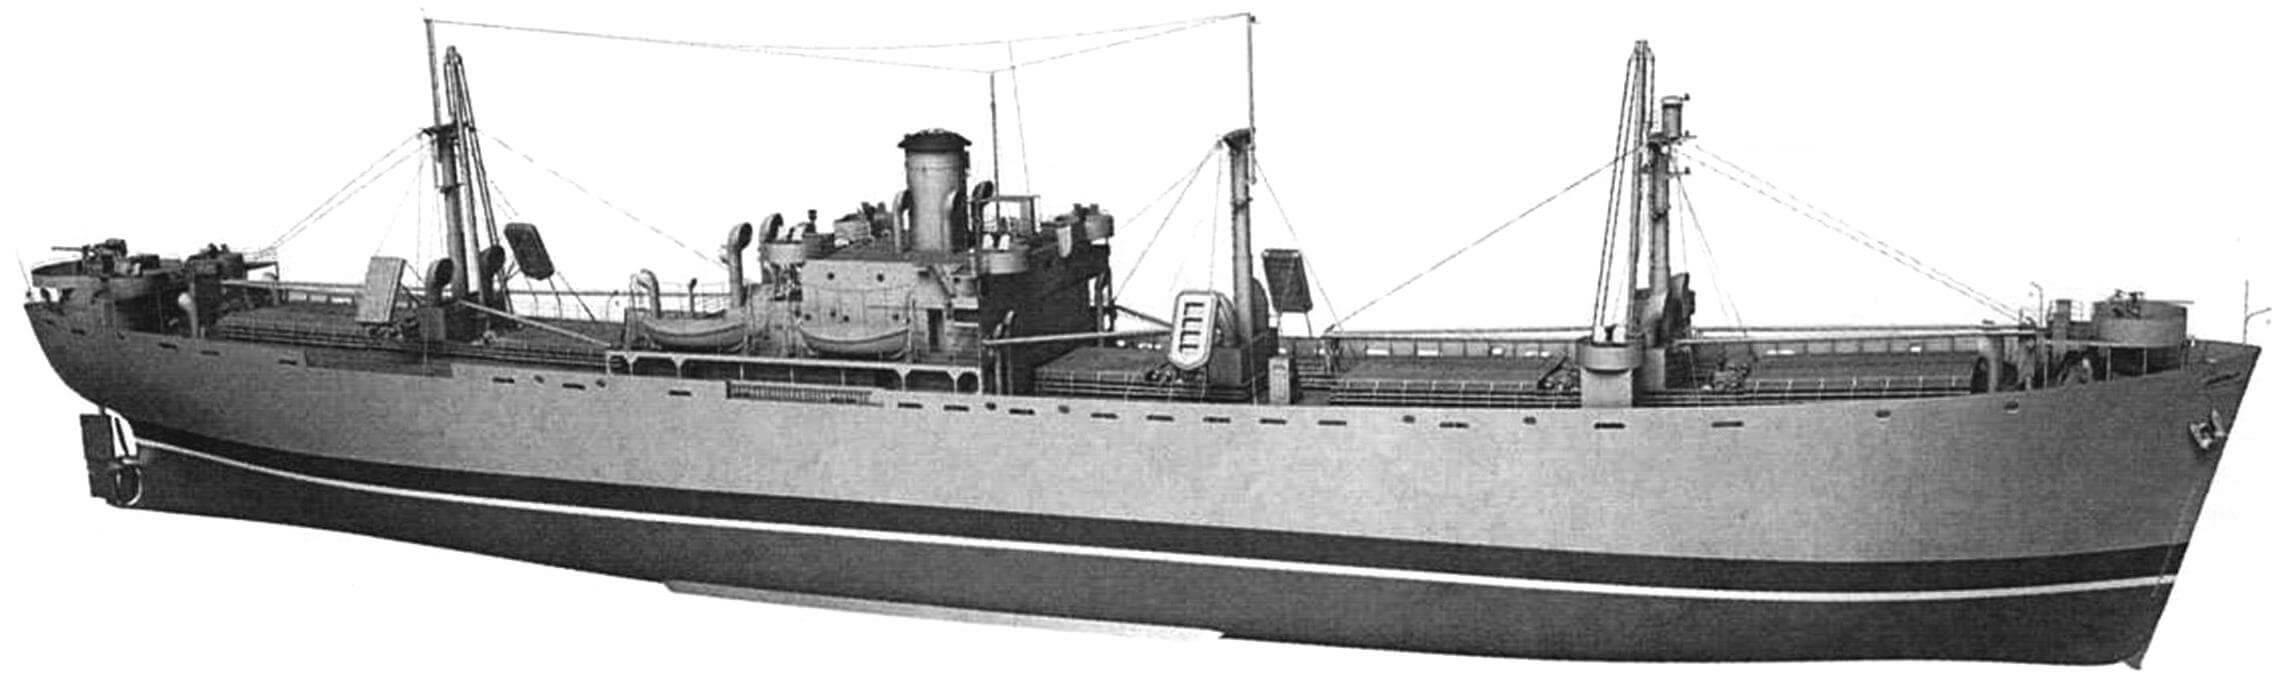 Судно типа «Либерти», внешний вид на период Второй мировой войны, с вооружением